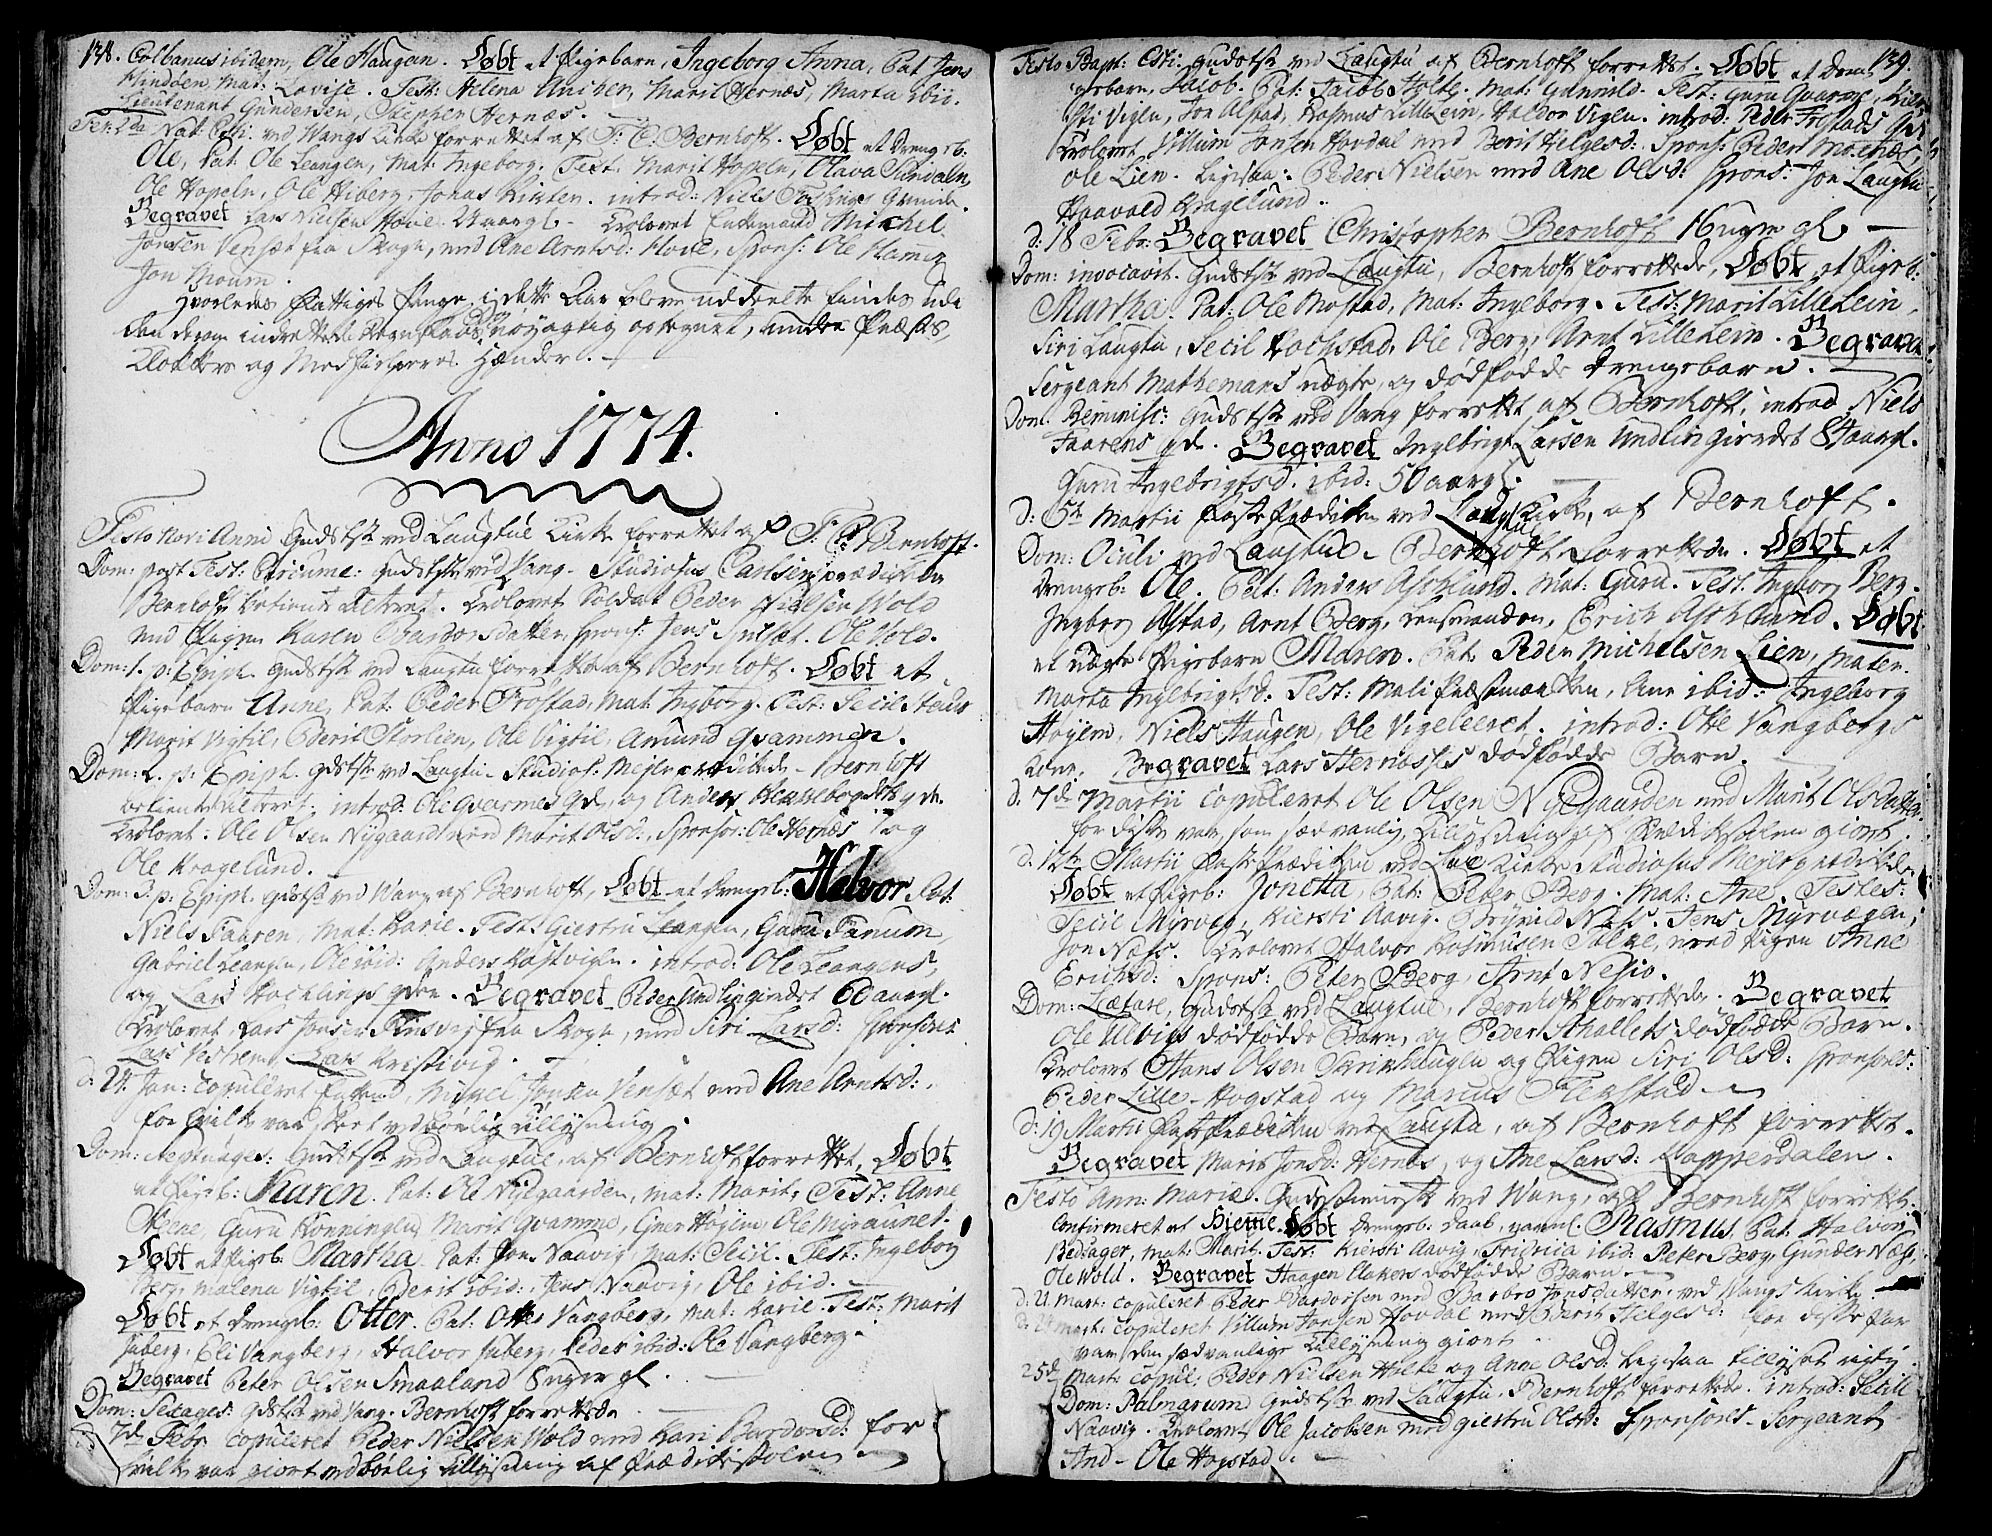 SAT, Ministerialprotokoller, klokkerbøker og fødselsregistre - Nord-Trøndelag, 713/L0109: Ministerialbok nr. 713A01, 1750-1778, s. 138-139